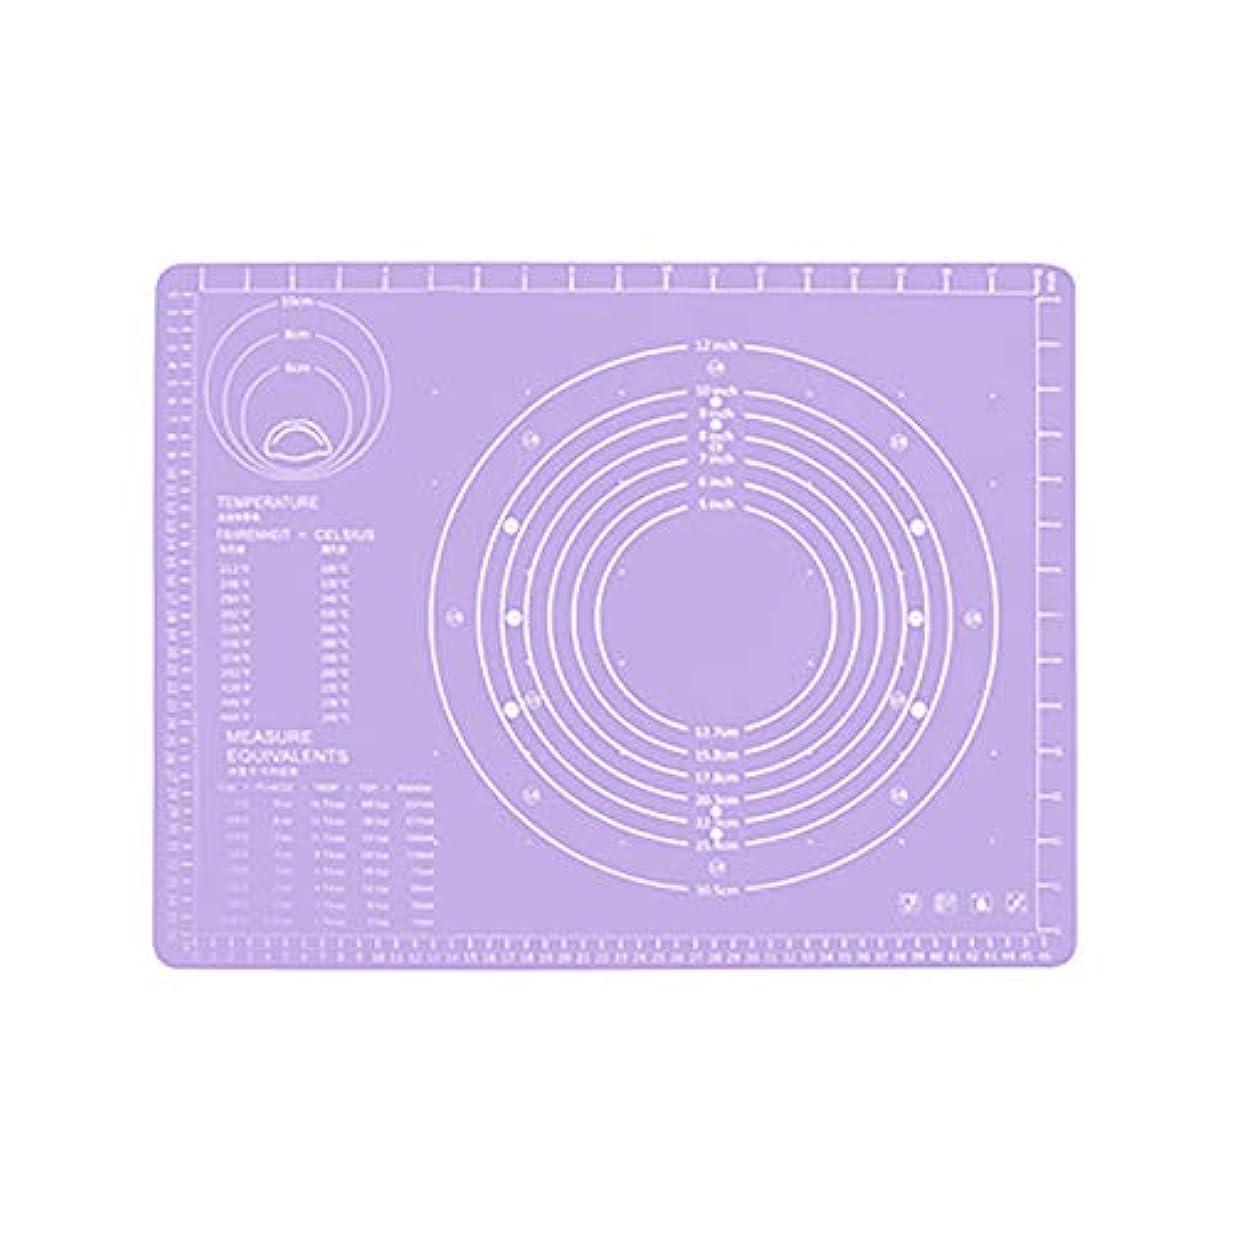 聴覚ヘルメット時間Refaxi シリコーン生地ローリング混練パッド高温ケーキペストリーベーキングパッド(紫)